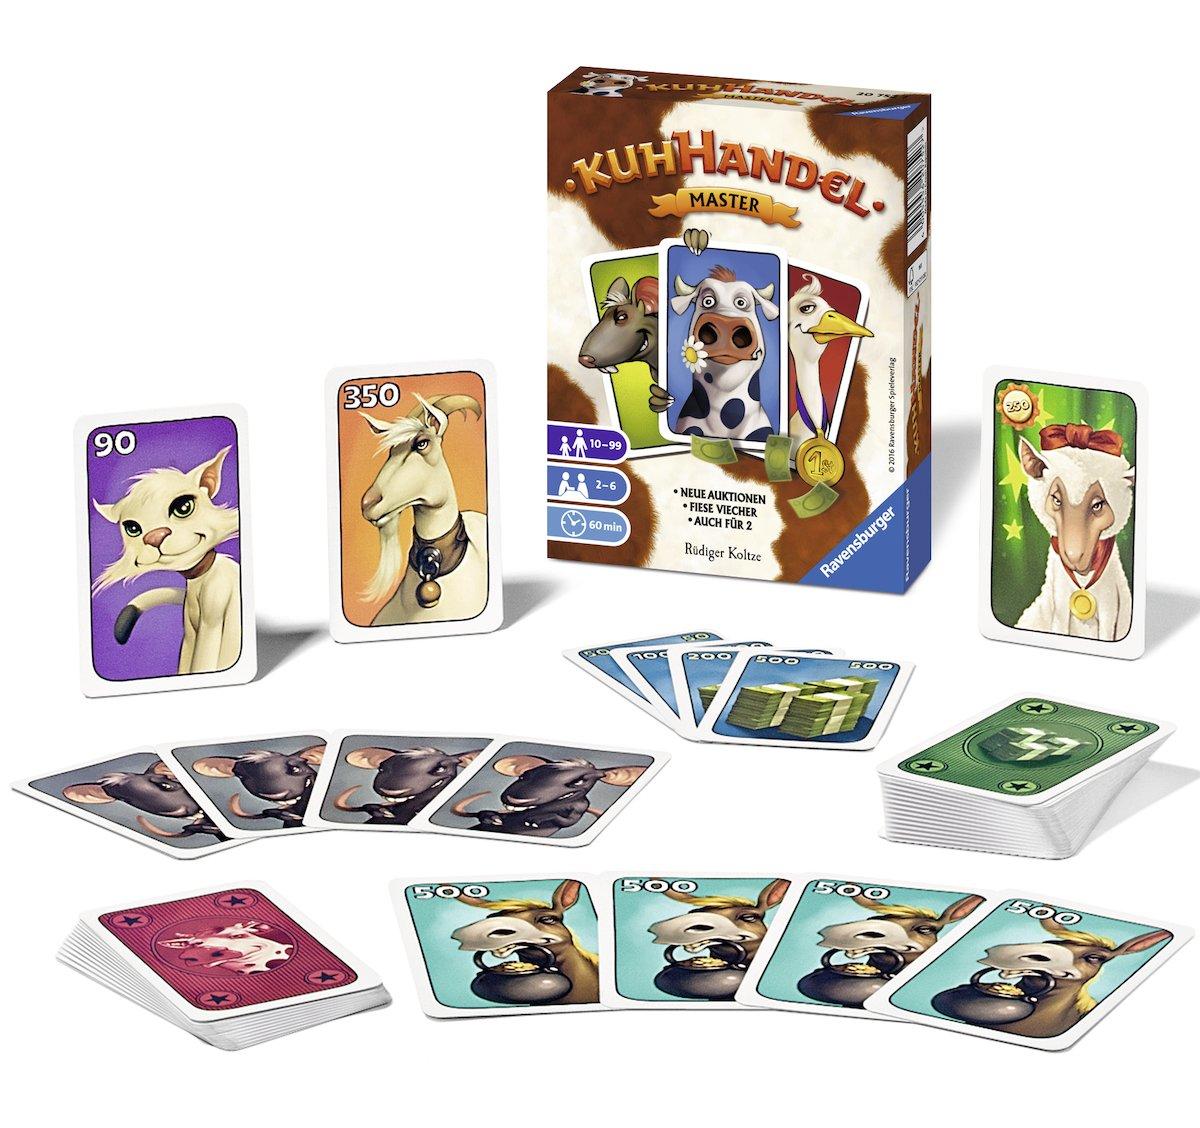 Ravensburger-Spiele-20752-Kuhhandel-Master-Kartenspiel